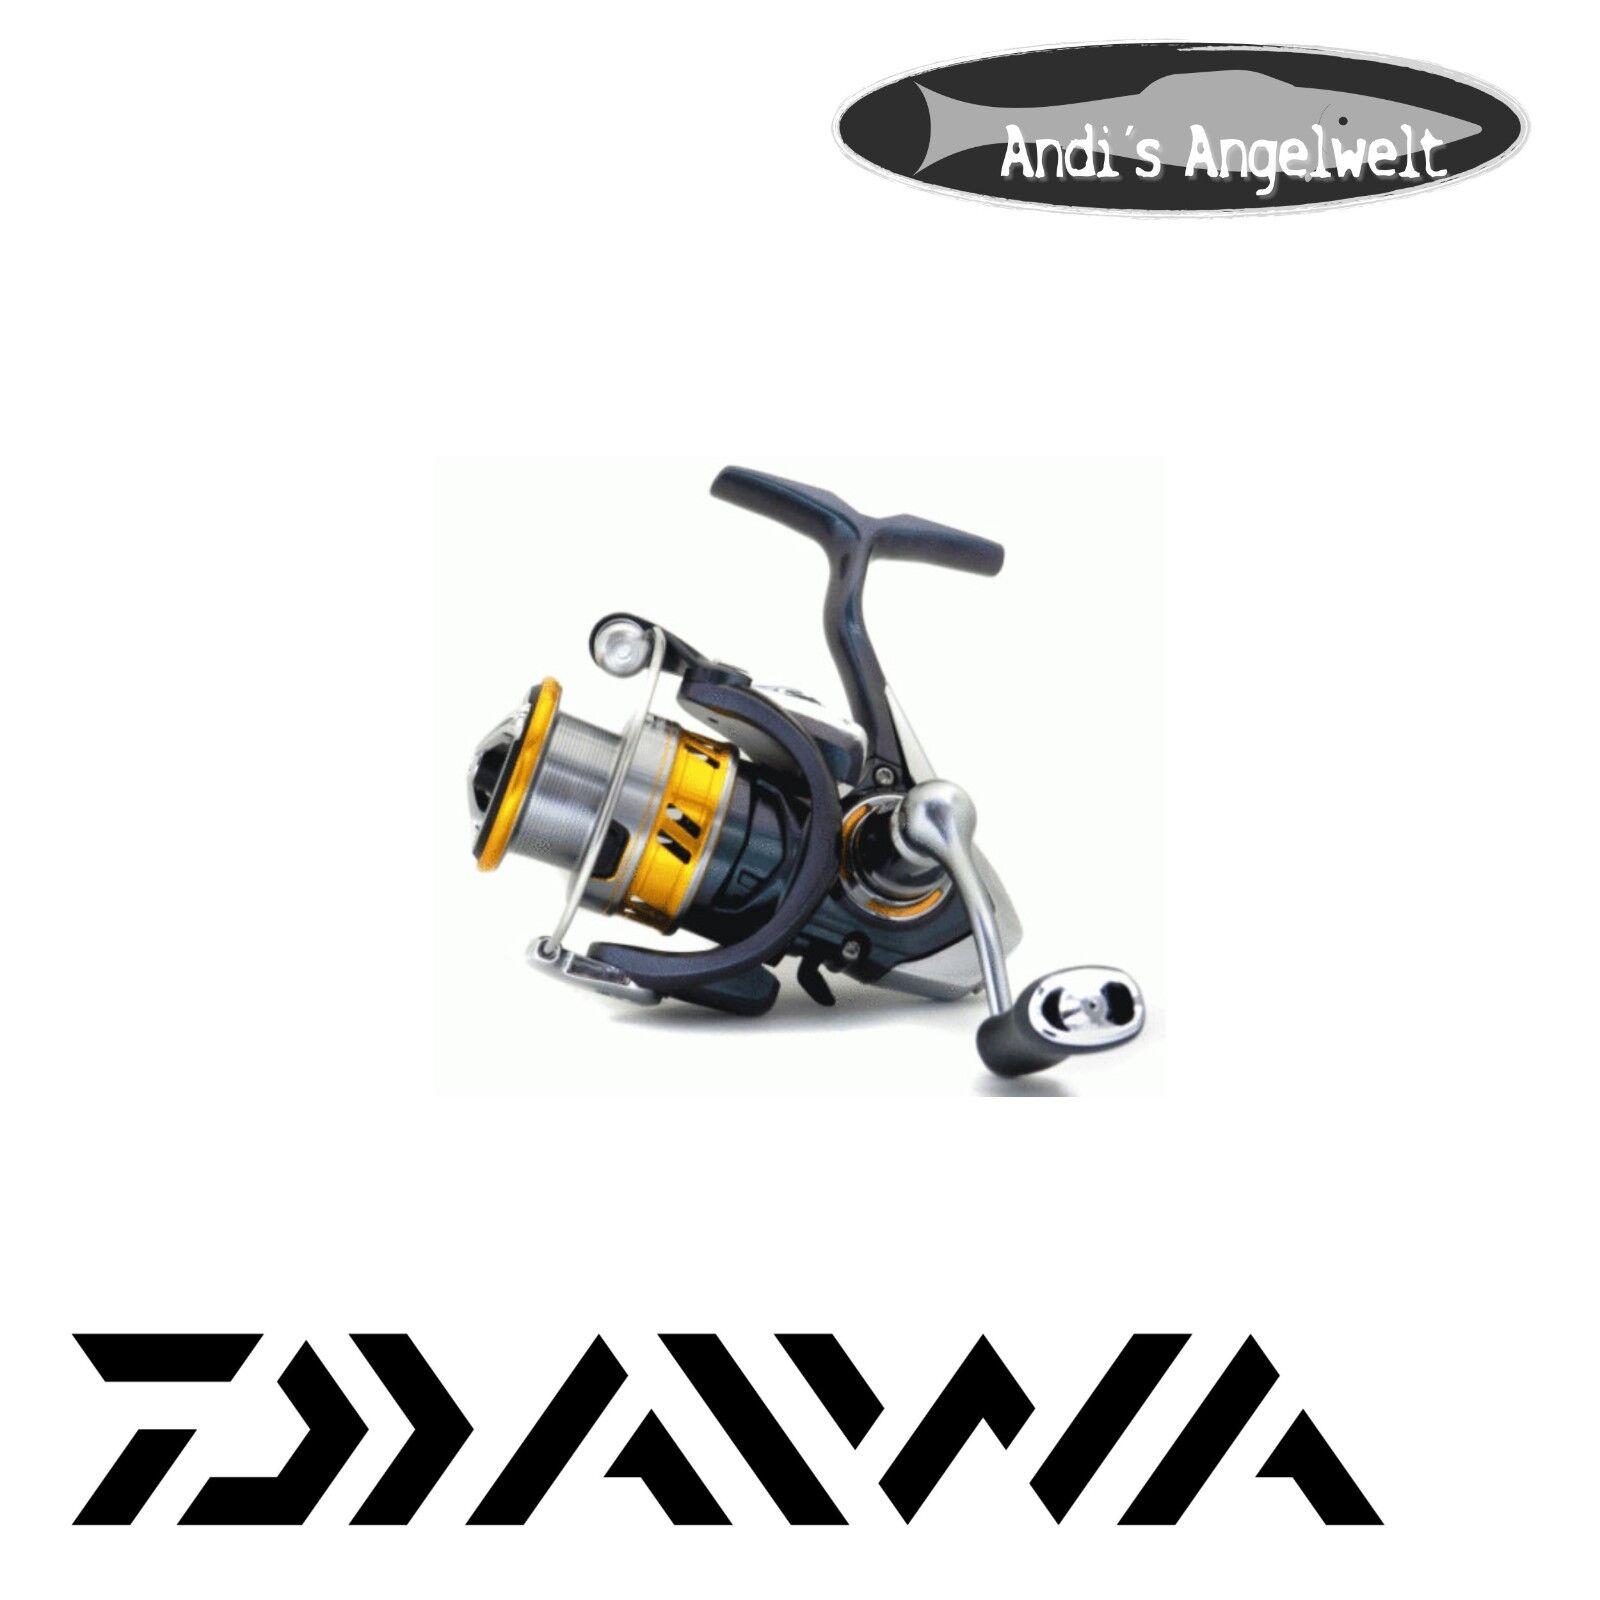 Daiwa Regal LT- Spinnrolle - verschiedene - Modelle - verschiedene Neuheit 2018 a1b427